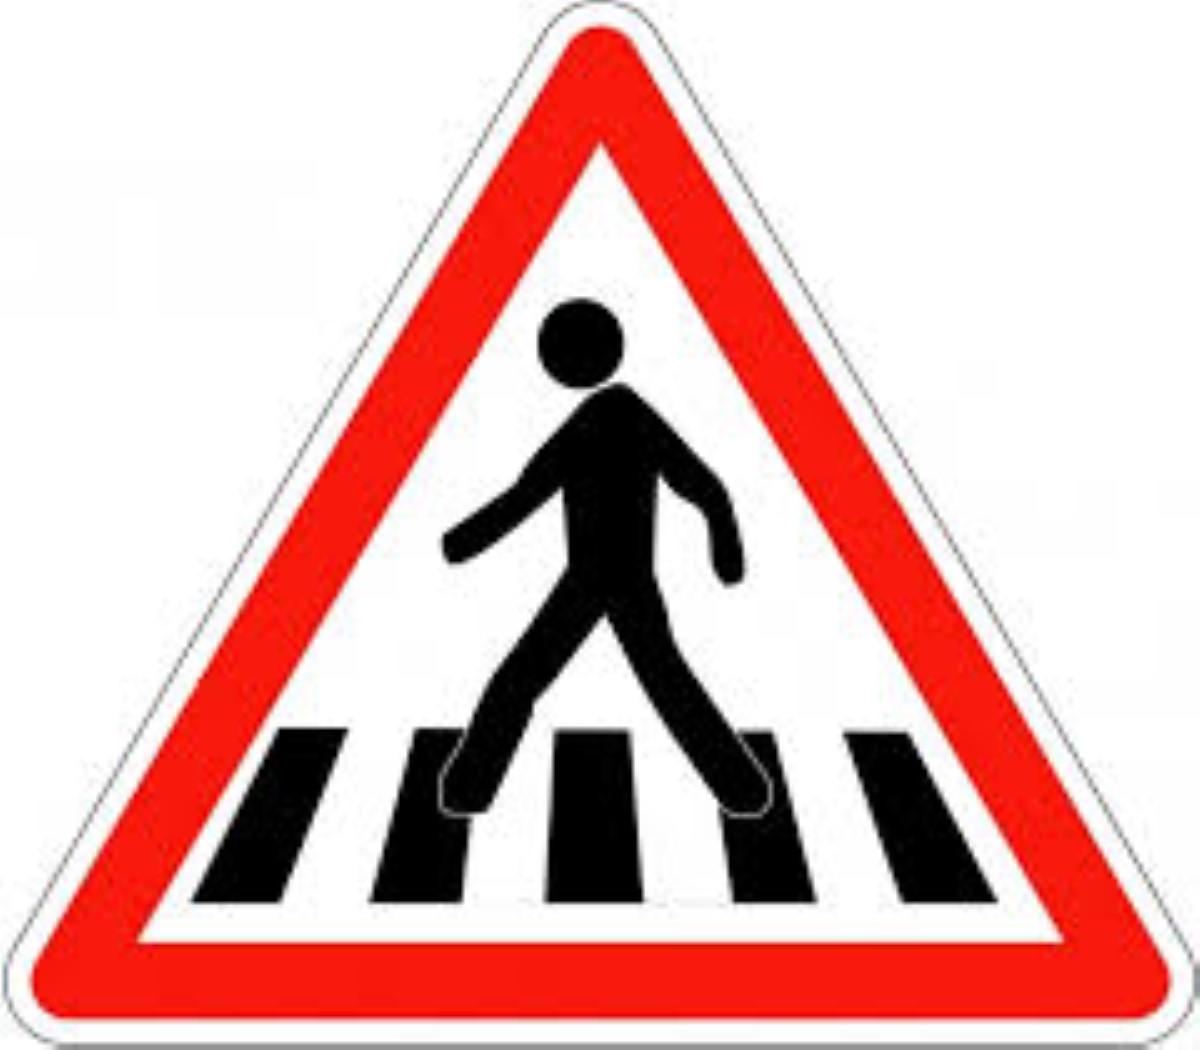 Sécurité routière : Campagne nationale sur le permis piétons en 2020